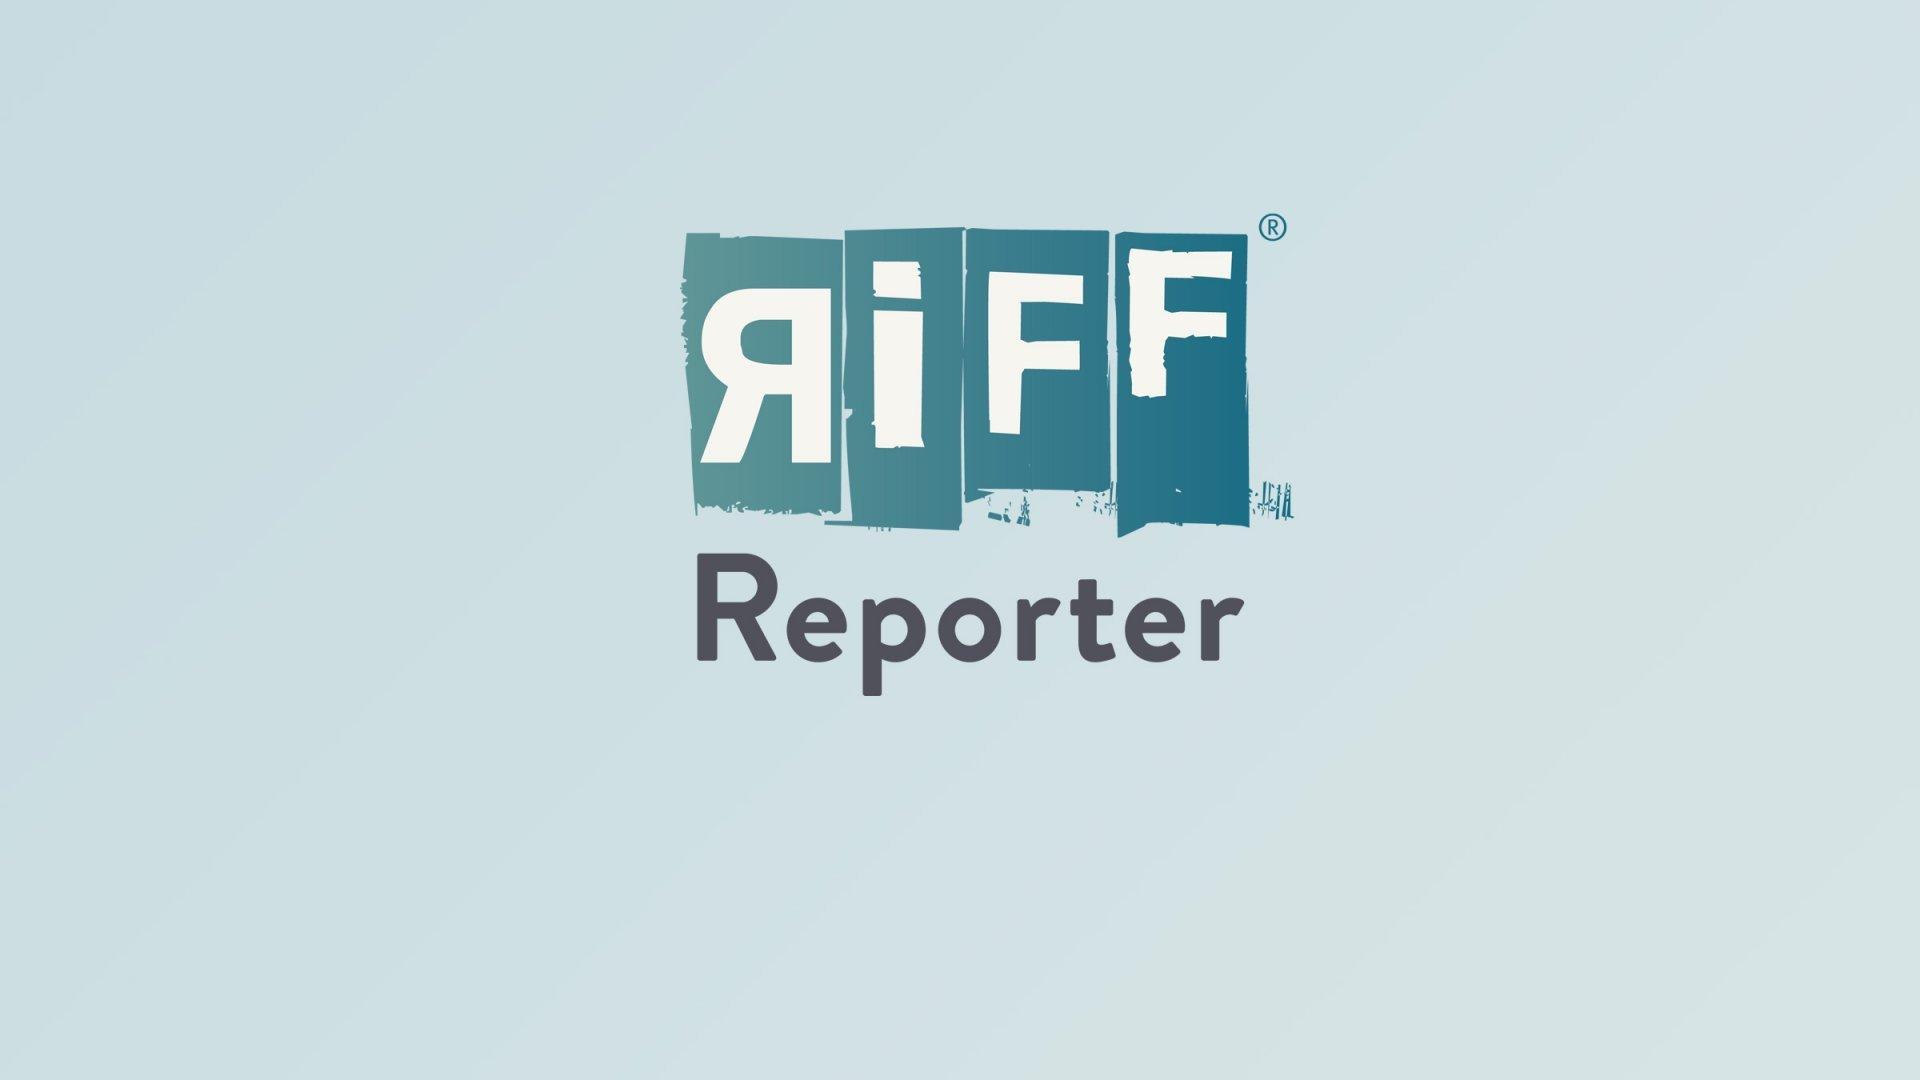 Ein rostiger Wecker symbolisiert Alter und Lebenszeit